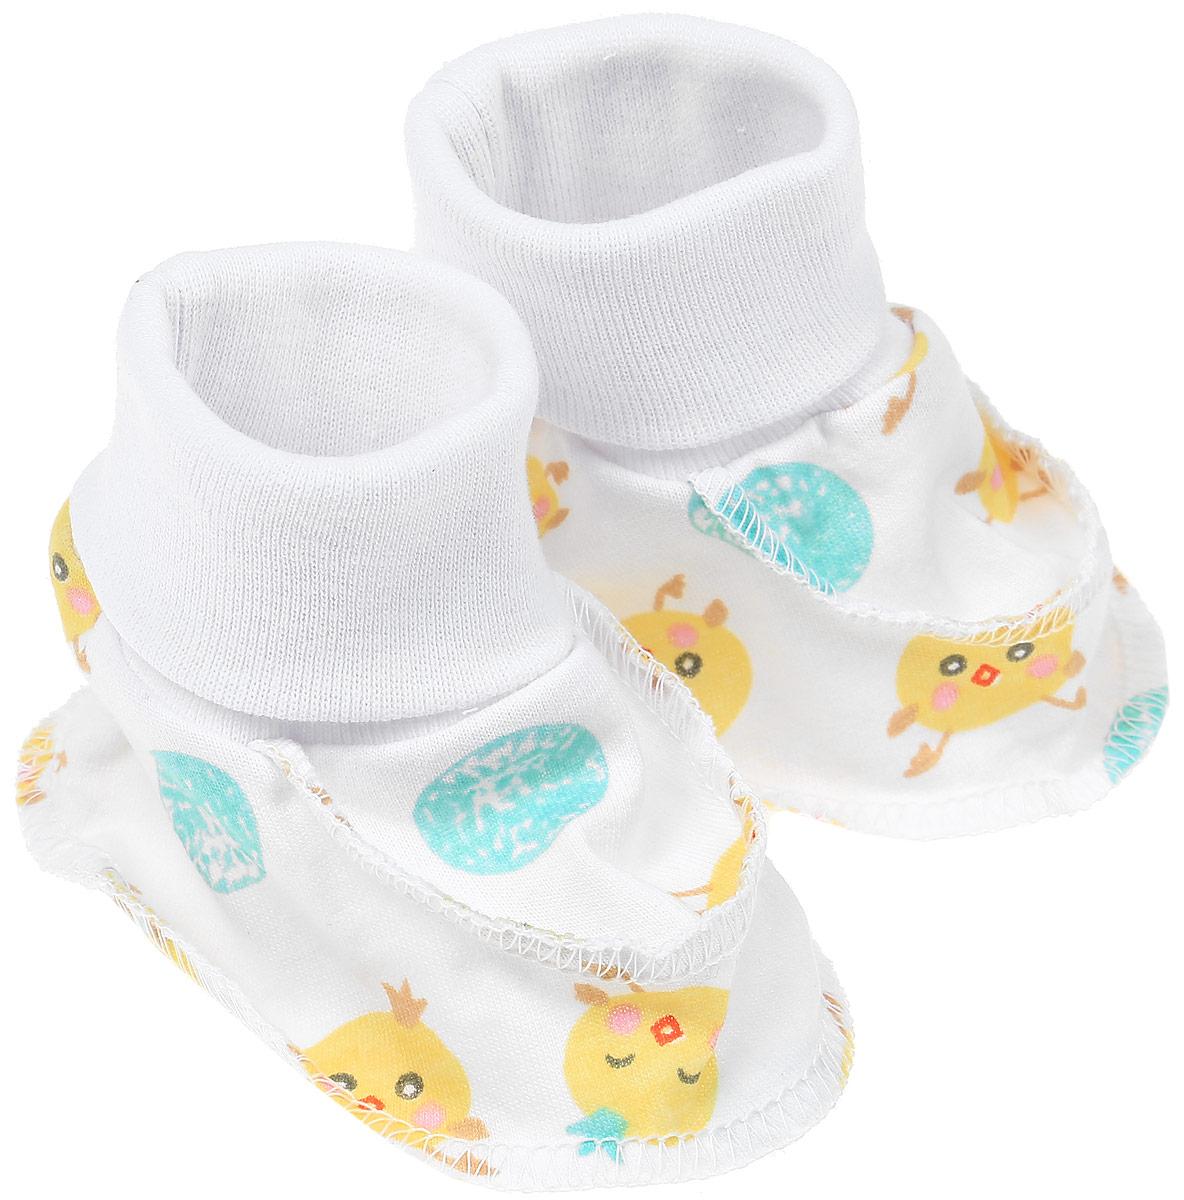 5902Пинетки Чудесные одежки изготовлены из натурального хлопка и не раздражают нежную кожу ребенка. Широкие эластичные резинки не стягивают ножки. Швы в пинетках выполнены на лицевую сторону.